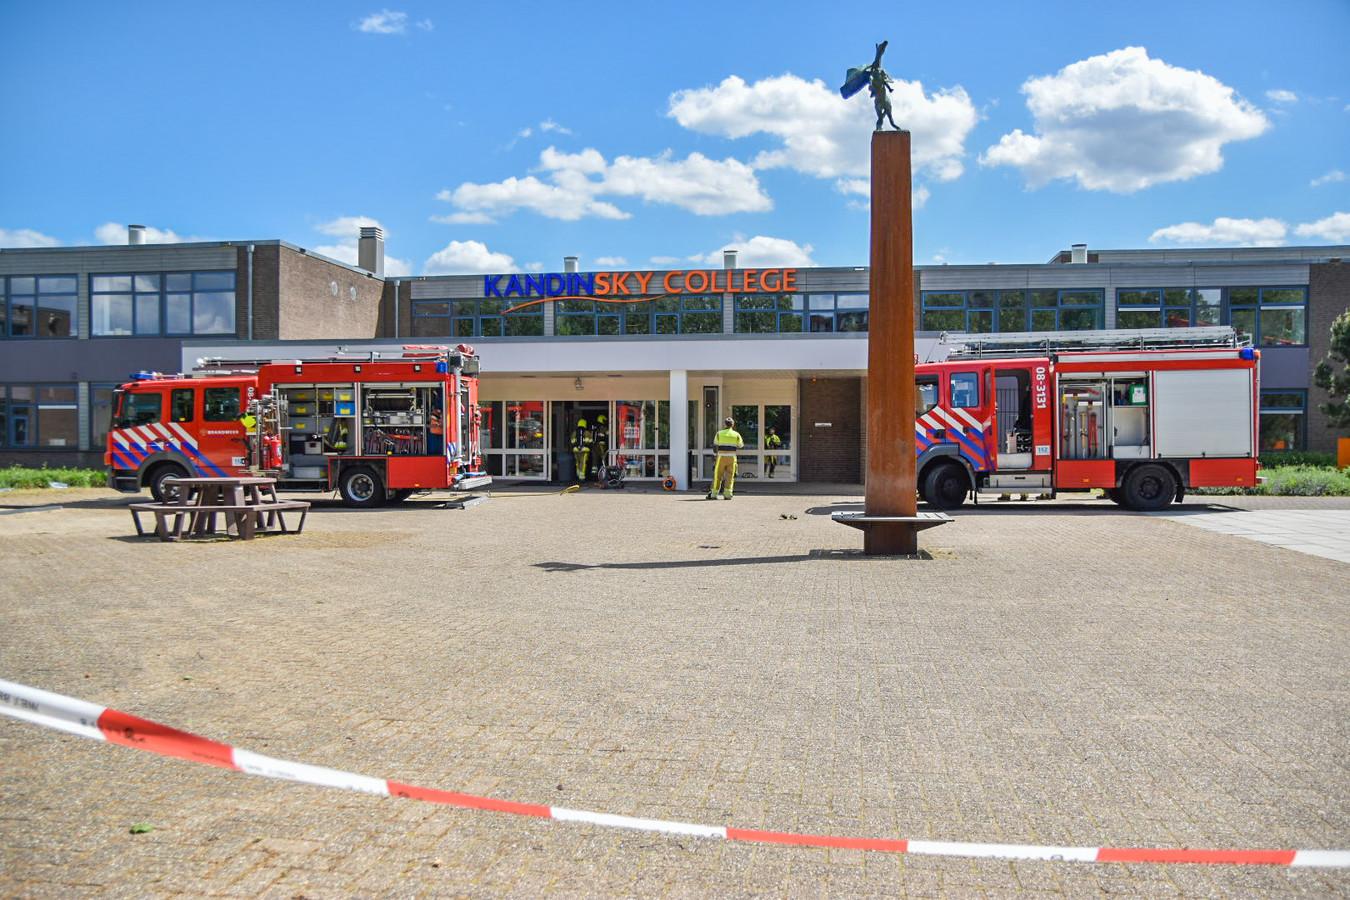 Brandweer bij het Kandinsky College in Nijmegen.